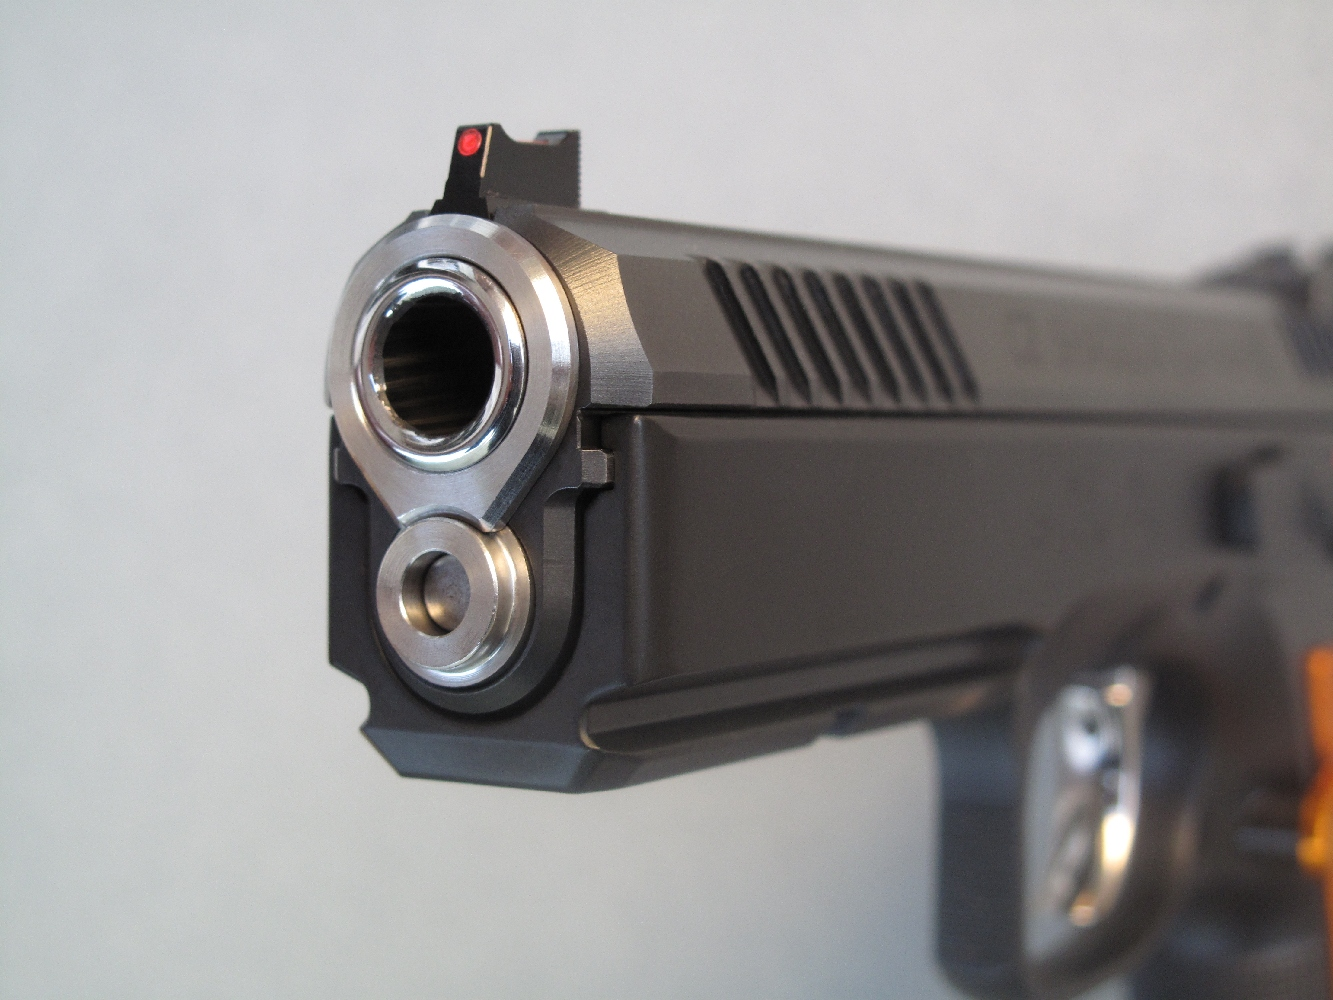 Etonnant et inédit : son canon bénéficie d'une bague de centrage dont la configuration est identique à celle du Colt 1911 A1.